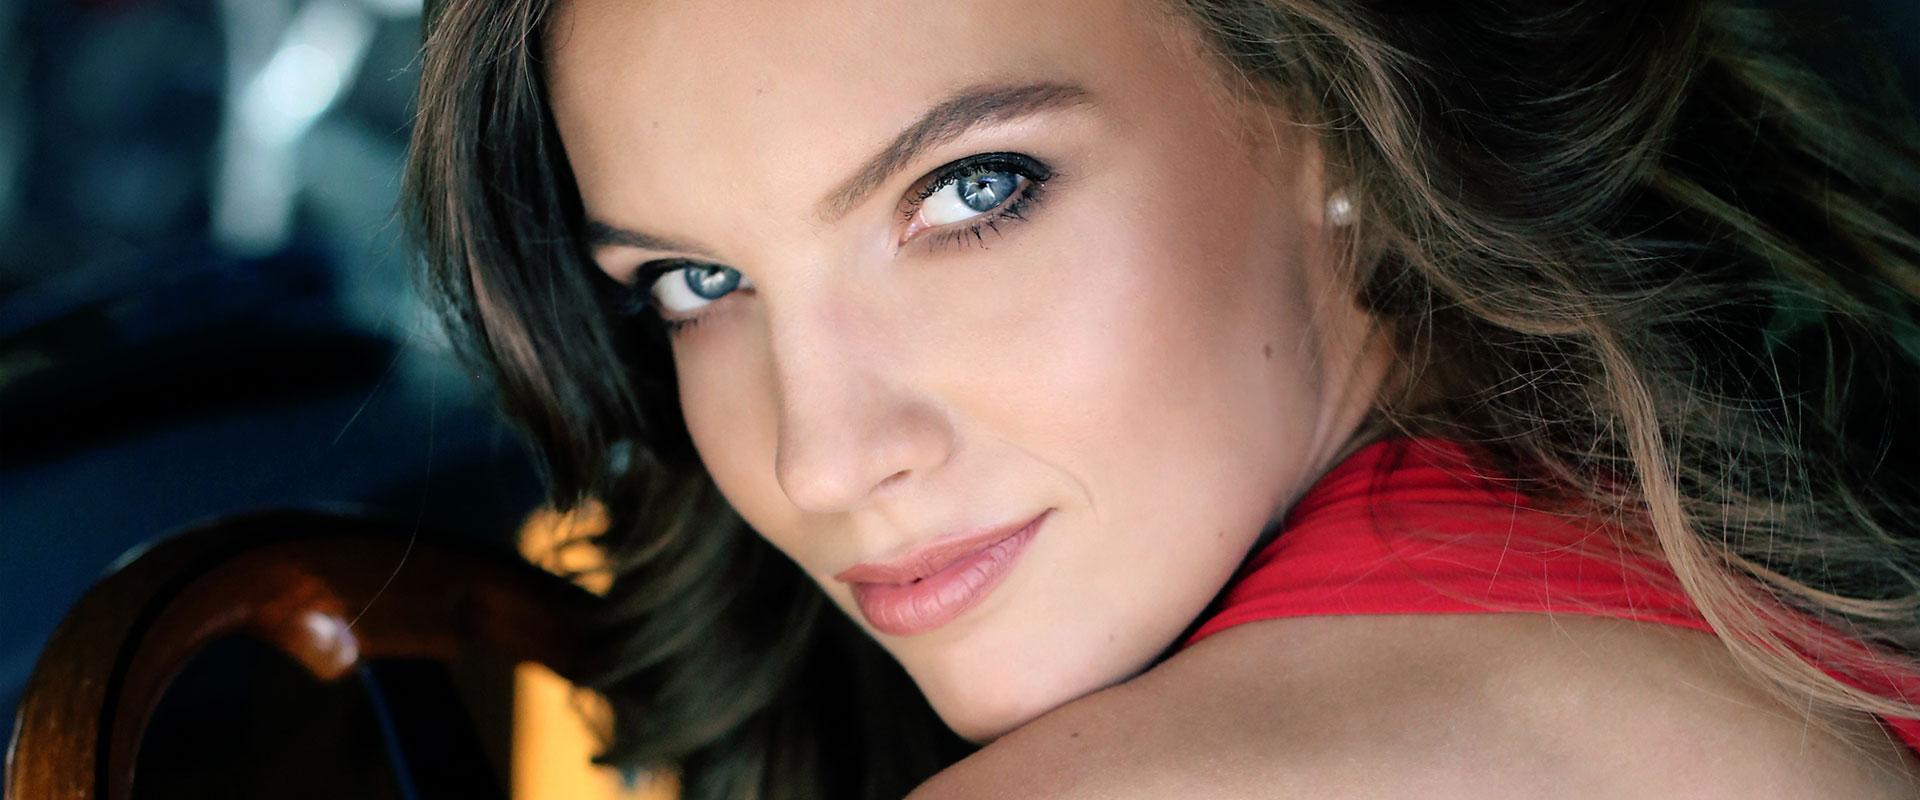 Arianna Mile concurenta României la concursul Miss Model of The World s-a clasat în top 30